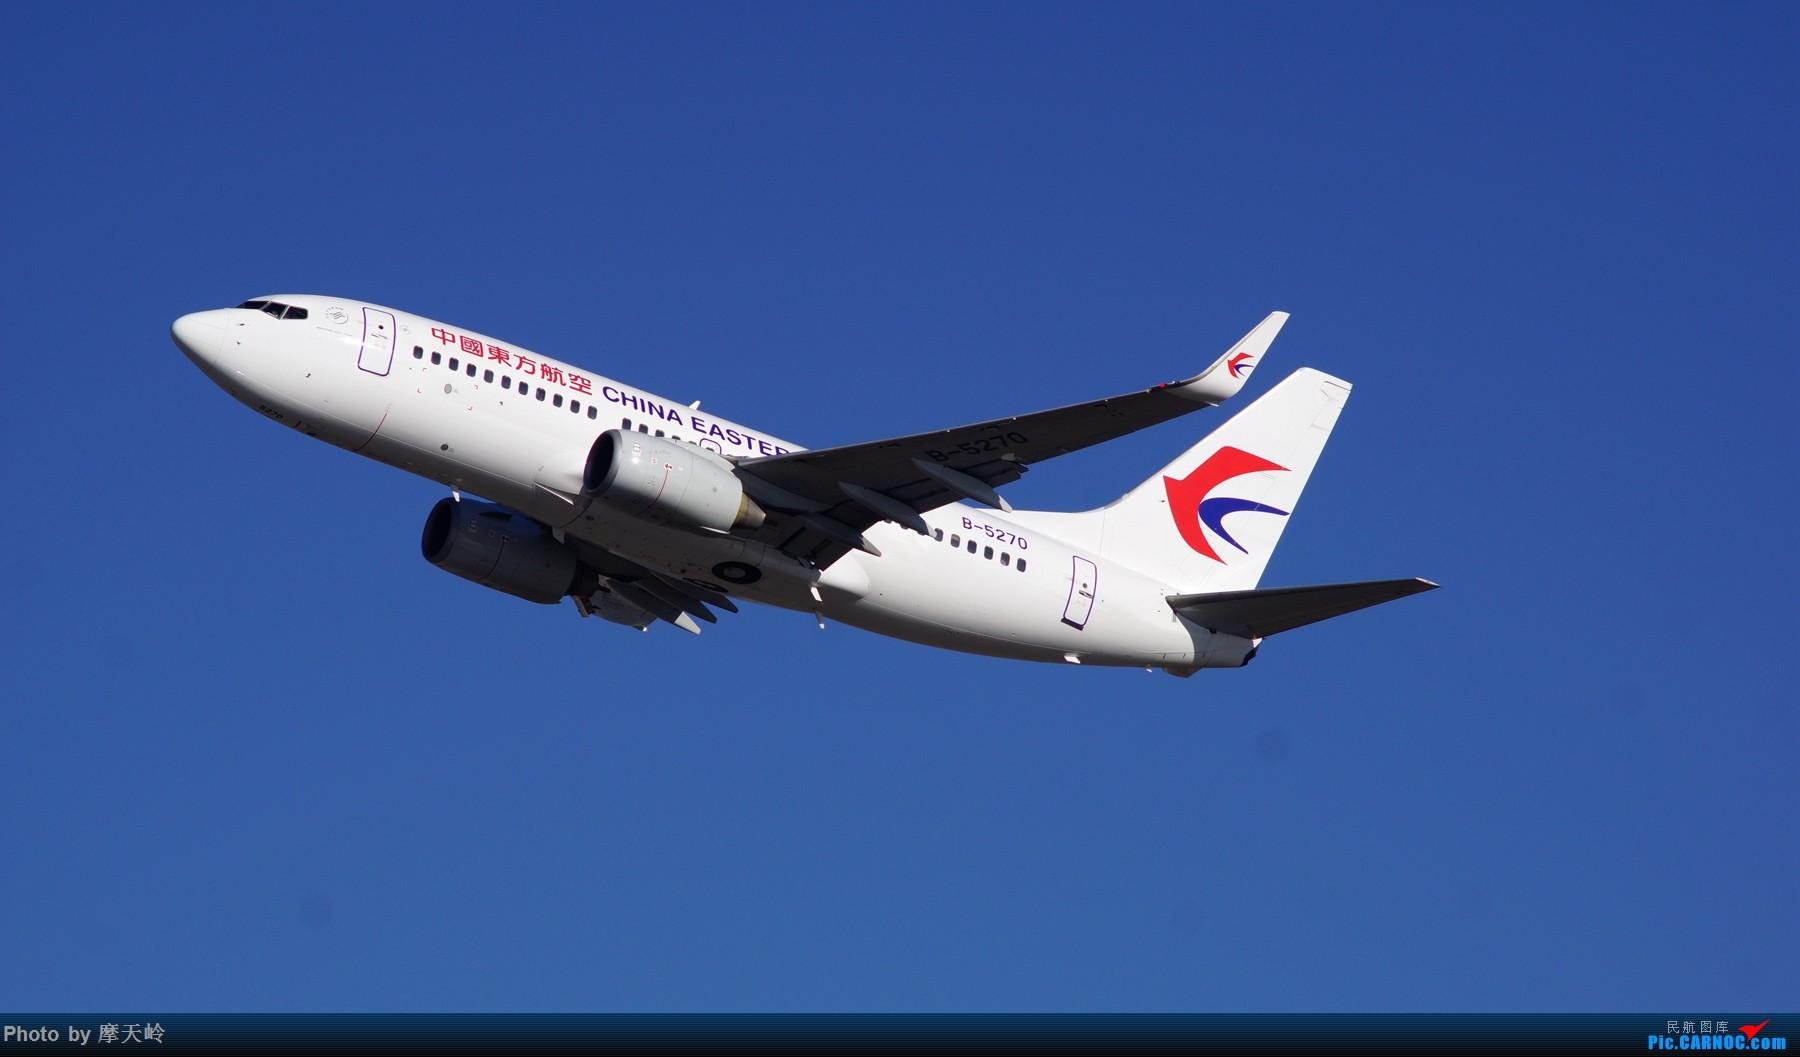 [原创]【长水】春节期间拍机集 BOEING 737-700 B-5270 中国昆明长水国际机场